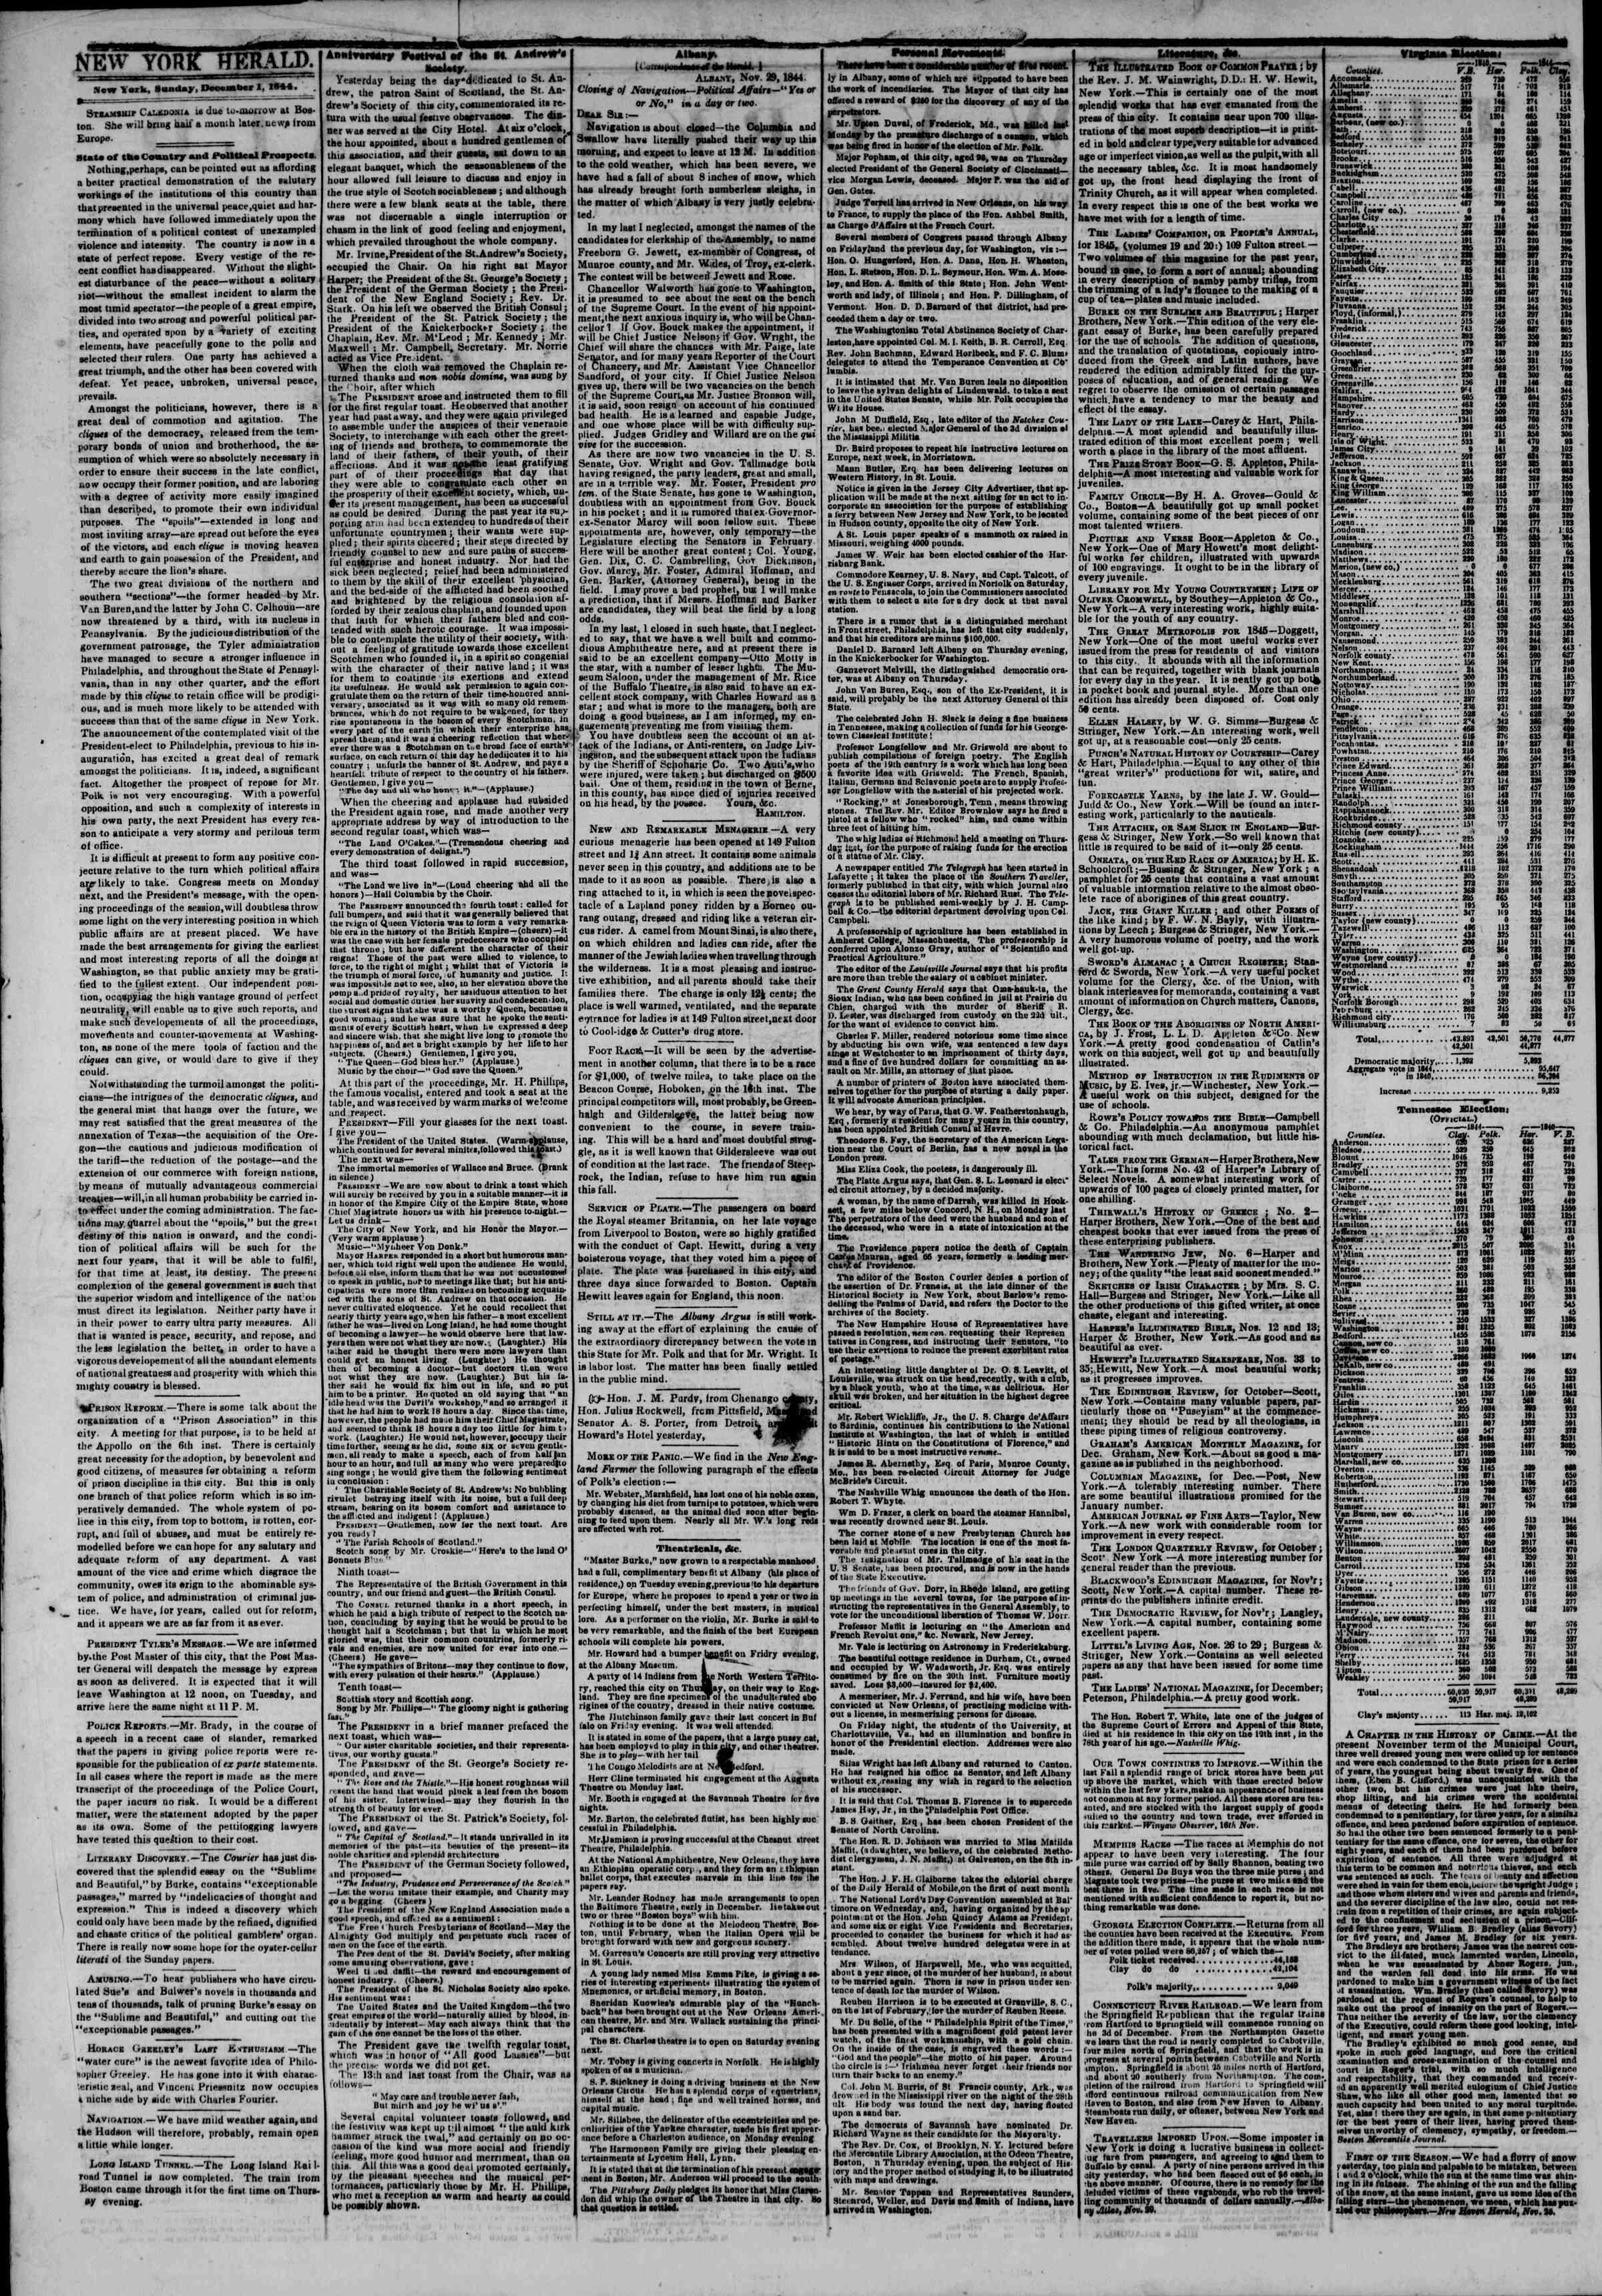 December 1, 1844 Tarihli The New York Herald Gazetesi Sayfa 2